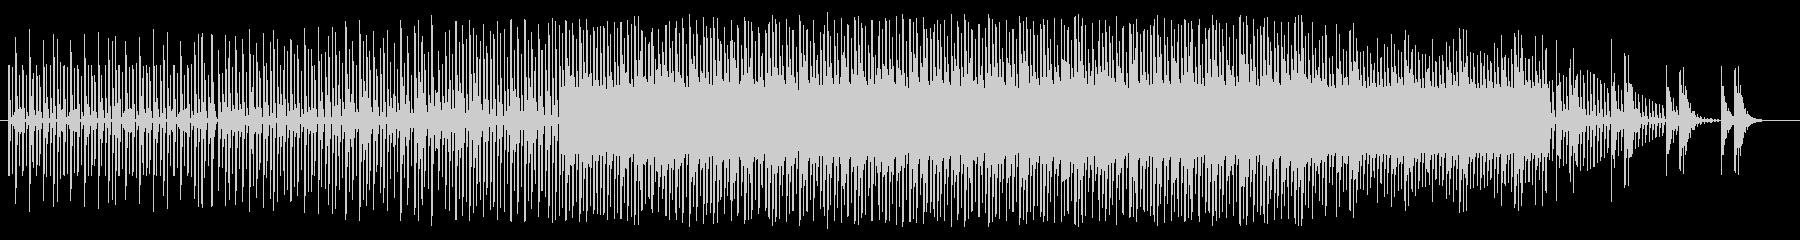 徐々に盛り上がるチップチューンの未再生の波形